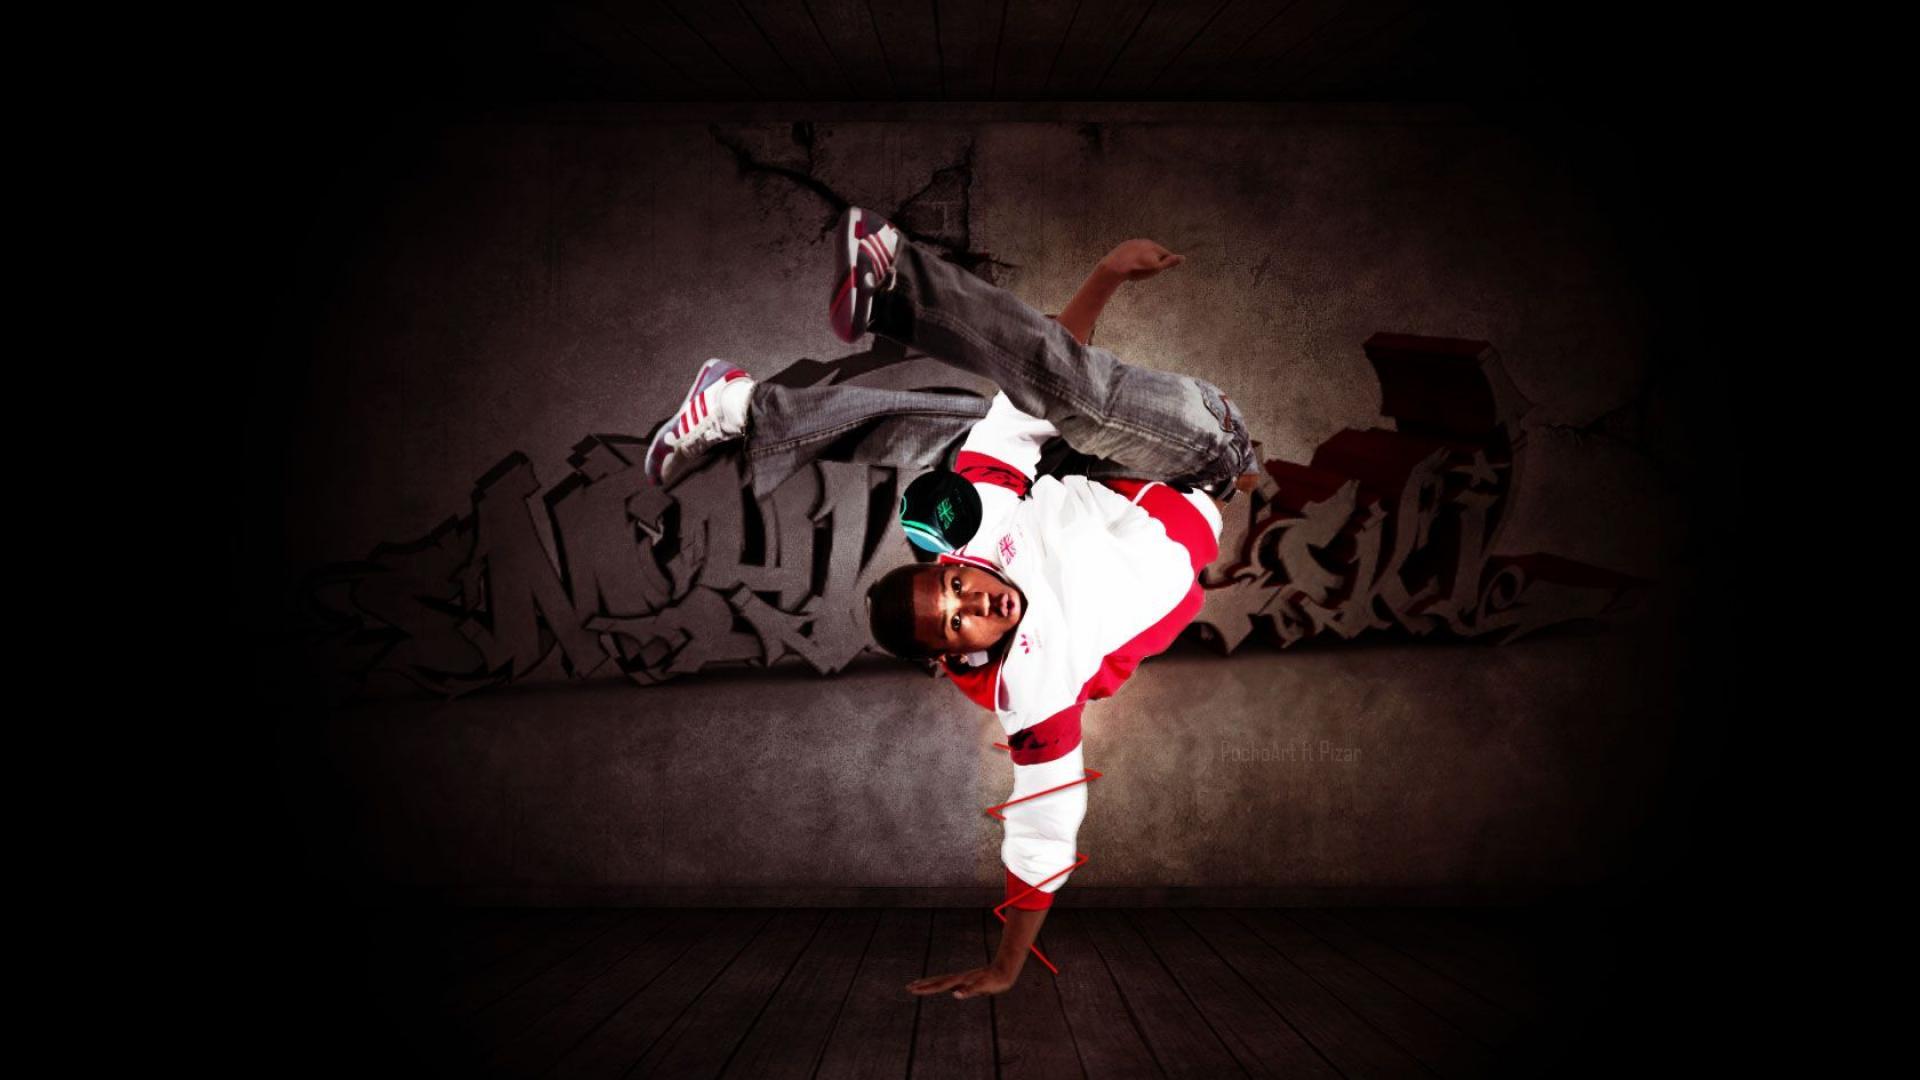 Hd Hip Hop Wallpapers Wallpapersafari